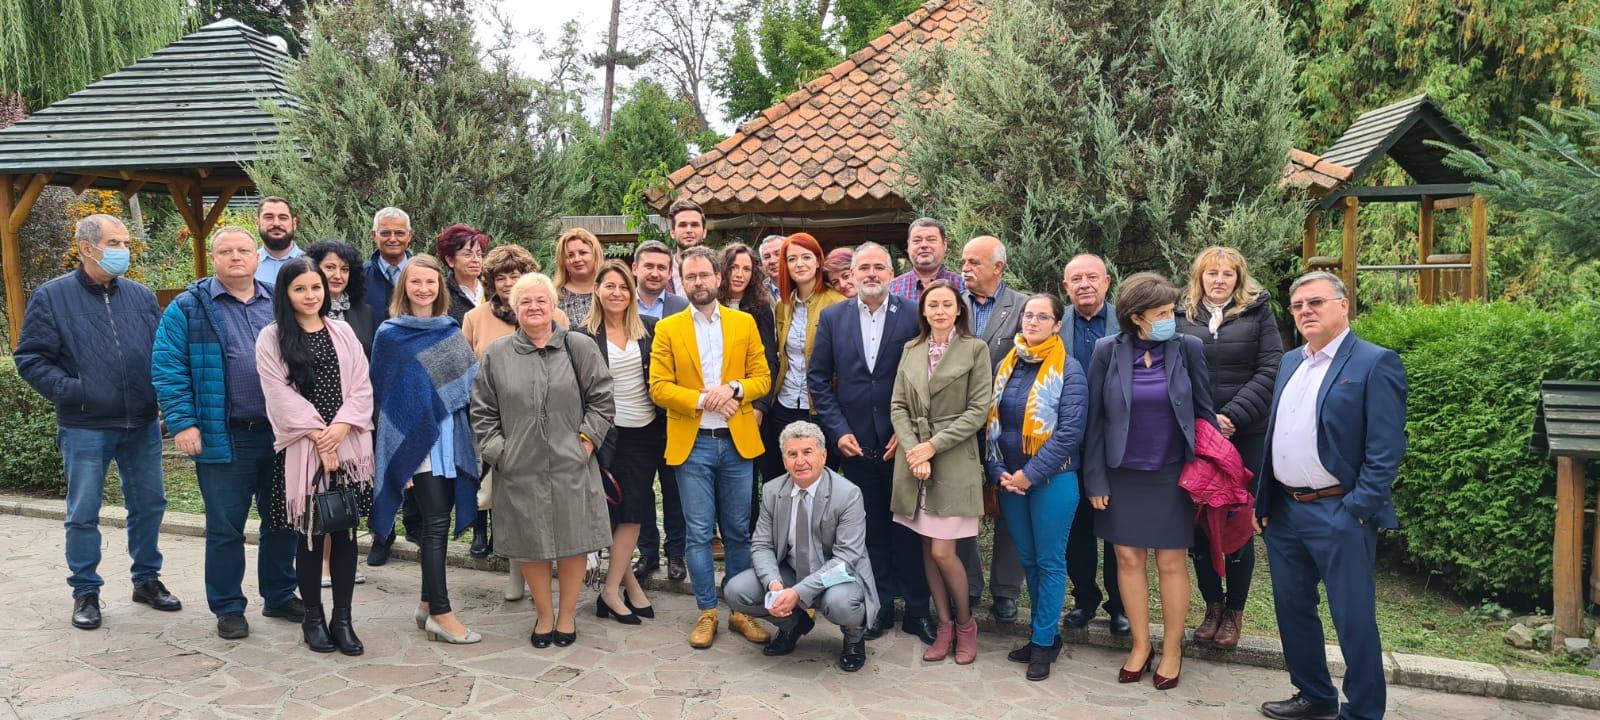 CONSORȚIUL INTER-BIO AL CLUSTERELOR AFILIATE SECTORULUI ORGANIC A DEVENIT ZONĂ TEMATICĂ NAȚIONALĂ ÎN MIȘCAREA CLUSTERELOR DIN ROMÂNIA